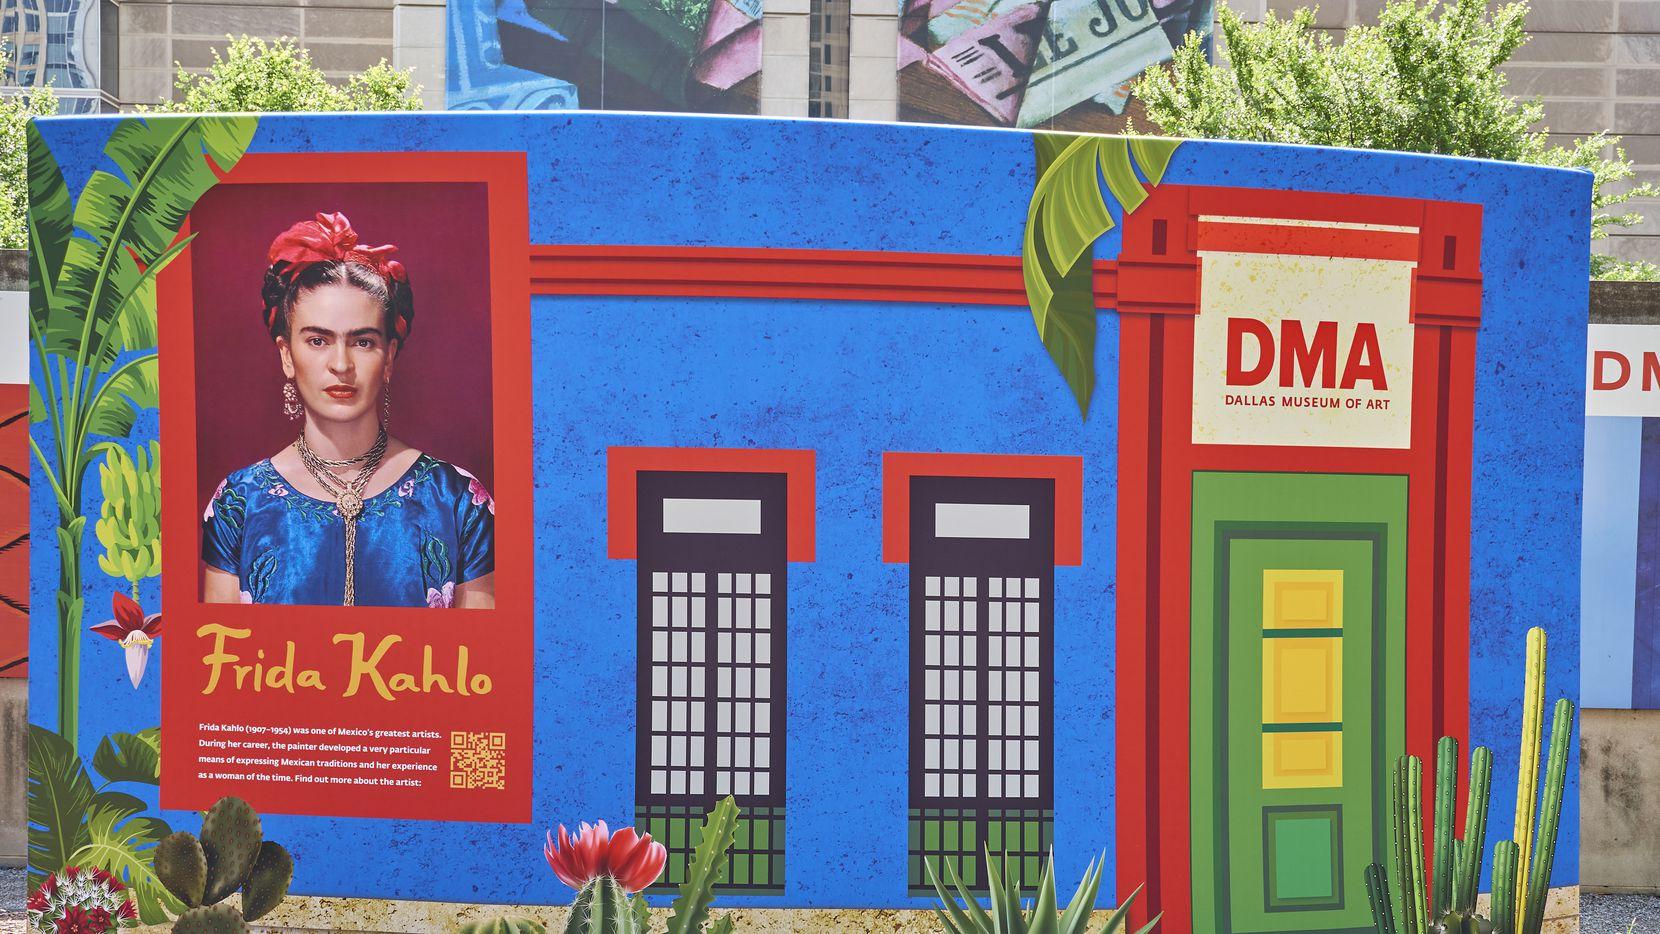 """Dos pinturas de la exhibición en el Dallas Museum of Art """"Frida Kahlo: Cinco obras"""" forman parte de una instalación al aire libre en el Norte de Texas."""